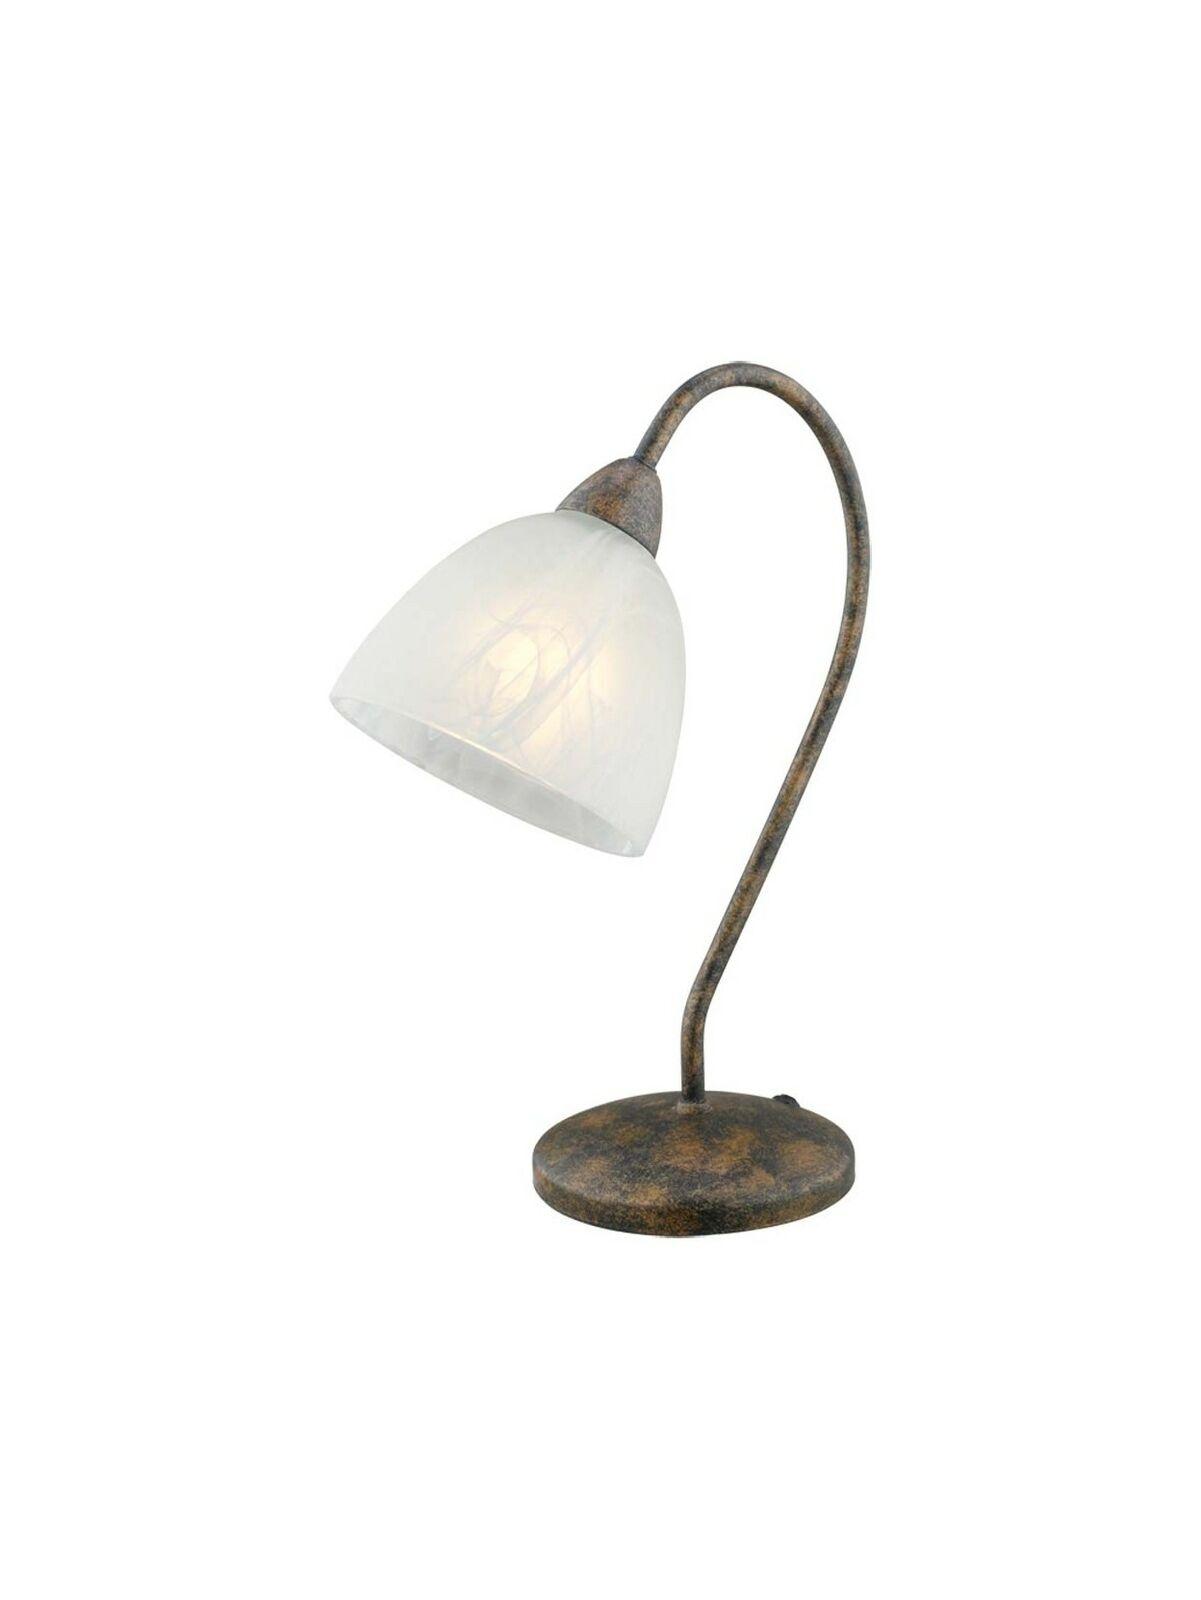 LUMETTO LAMPADA A 1 LUCE CLASSICO FERRO BATTUTO COLLEZIONE GLO 89899